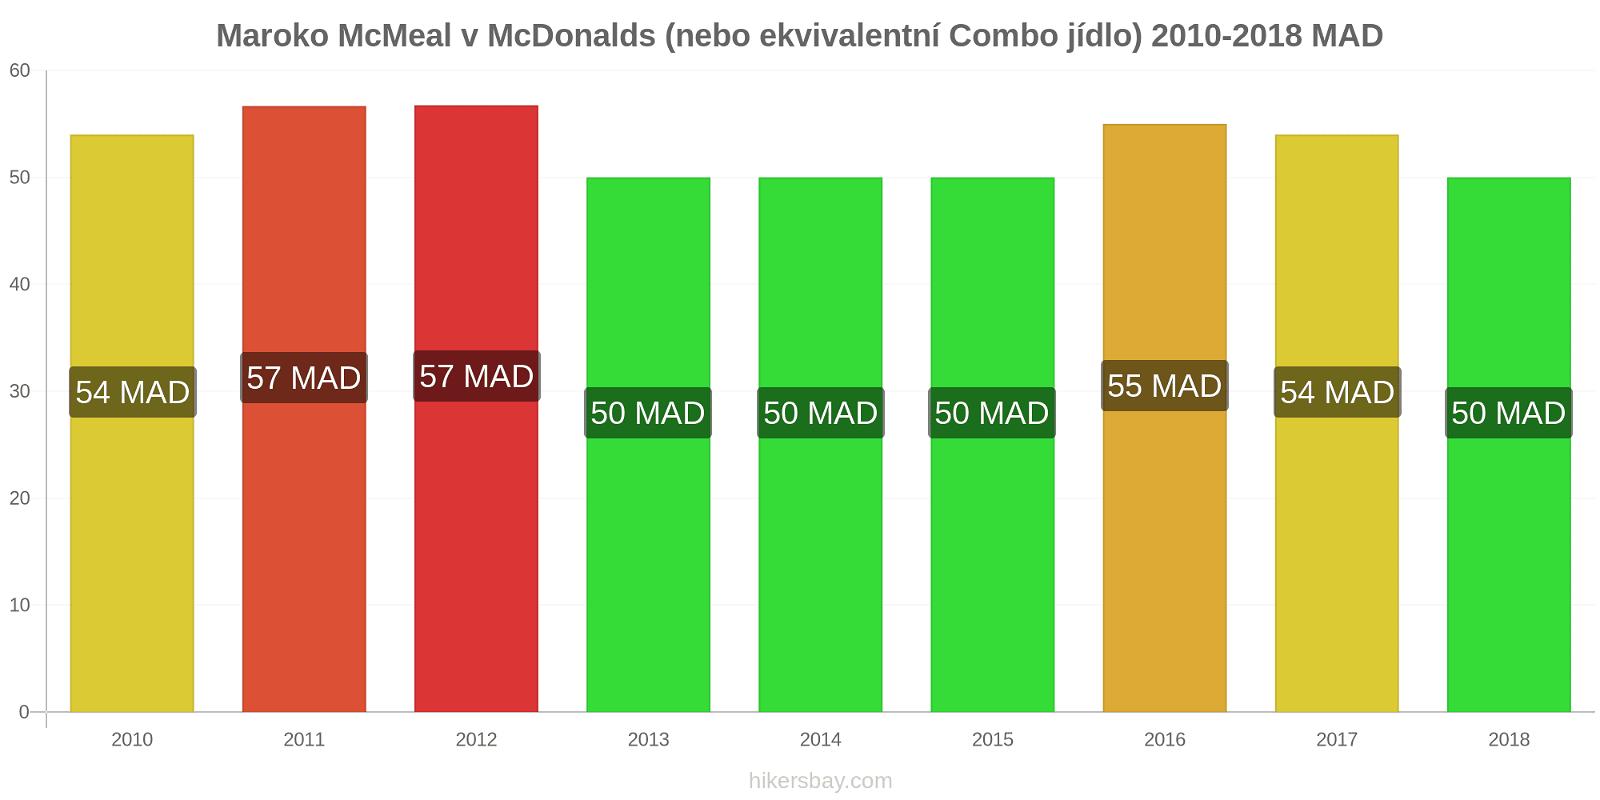 Maroko změny cen McMeal v McDonalds (nebo ekvivalentní Combo jídlo) hikersbay.com